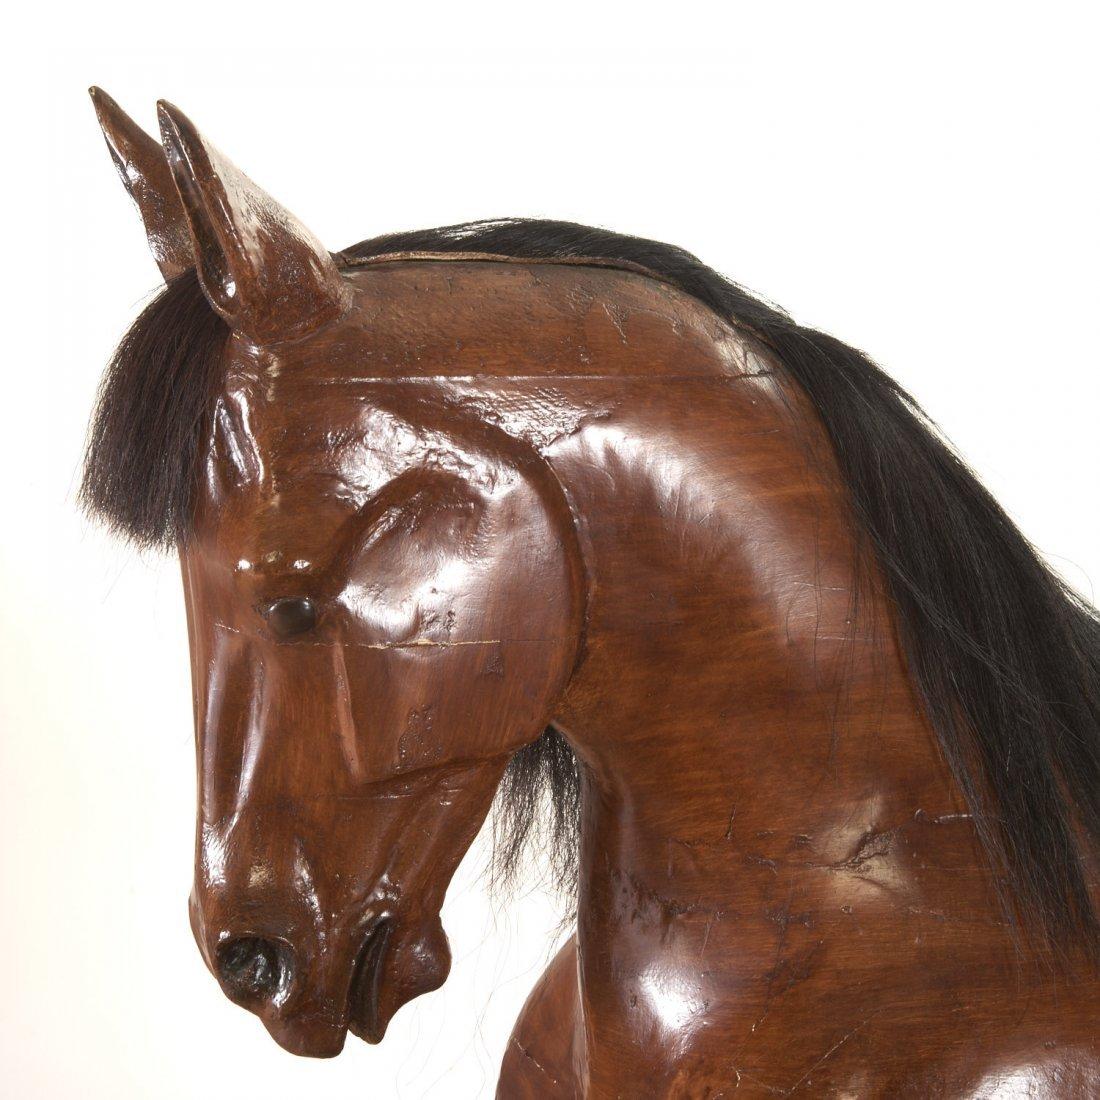 Antique tack shop/saddlery horse mannequin - 5